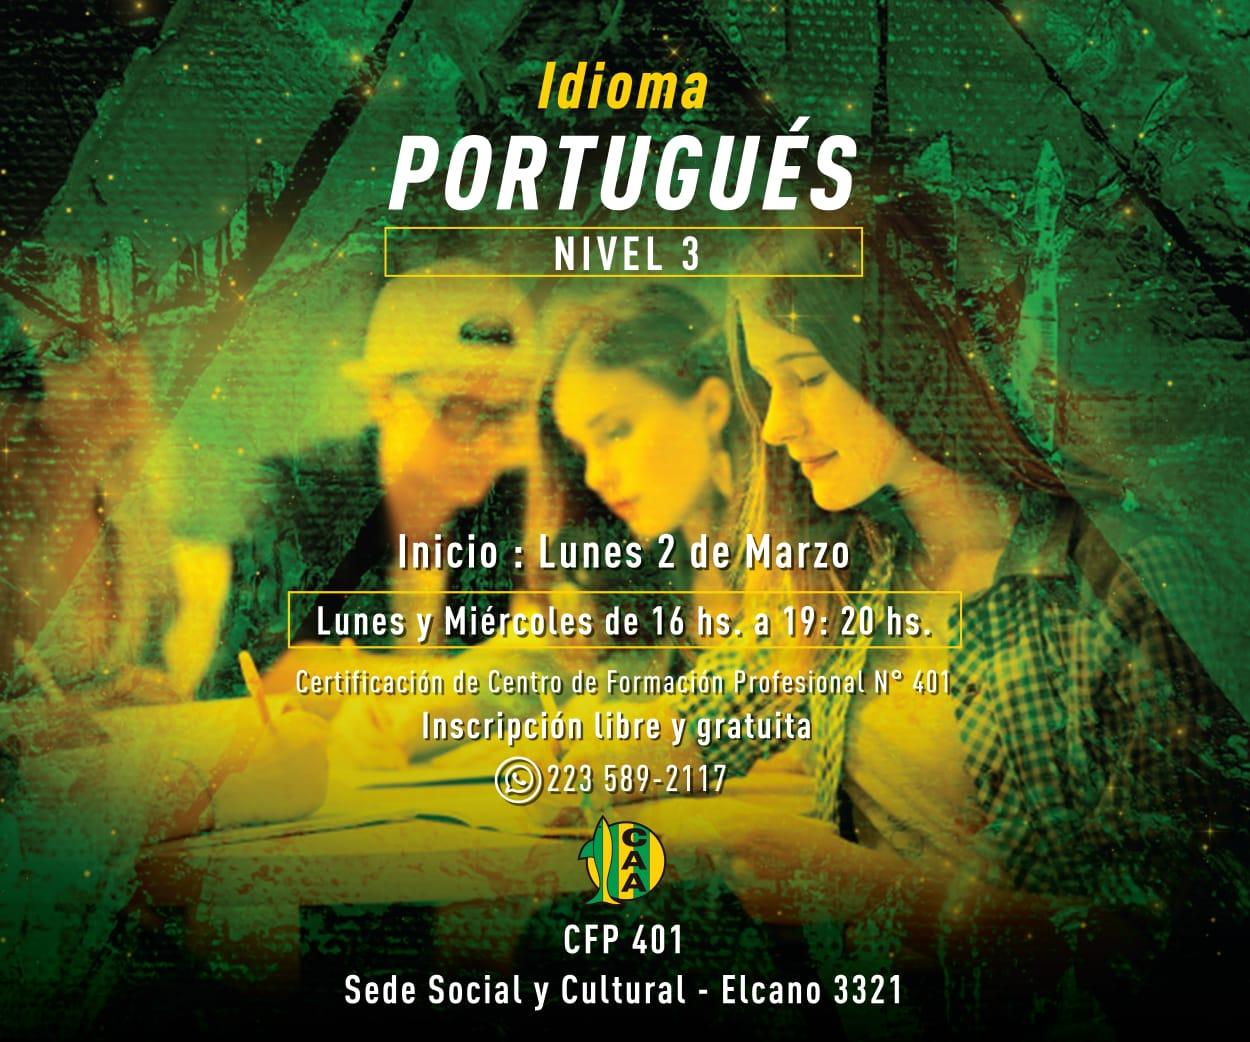 Nuevo curso de Portugués nivel 3